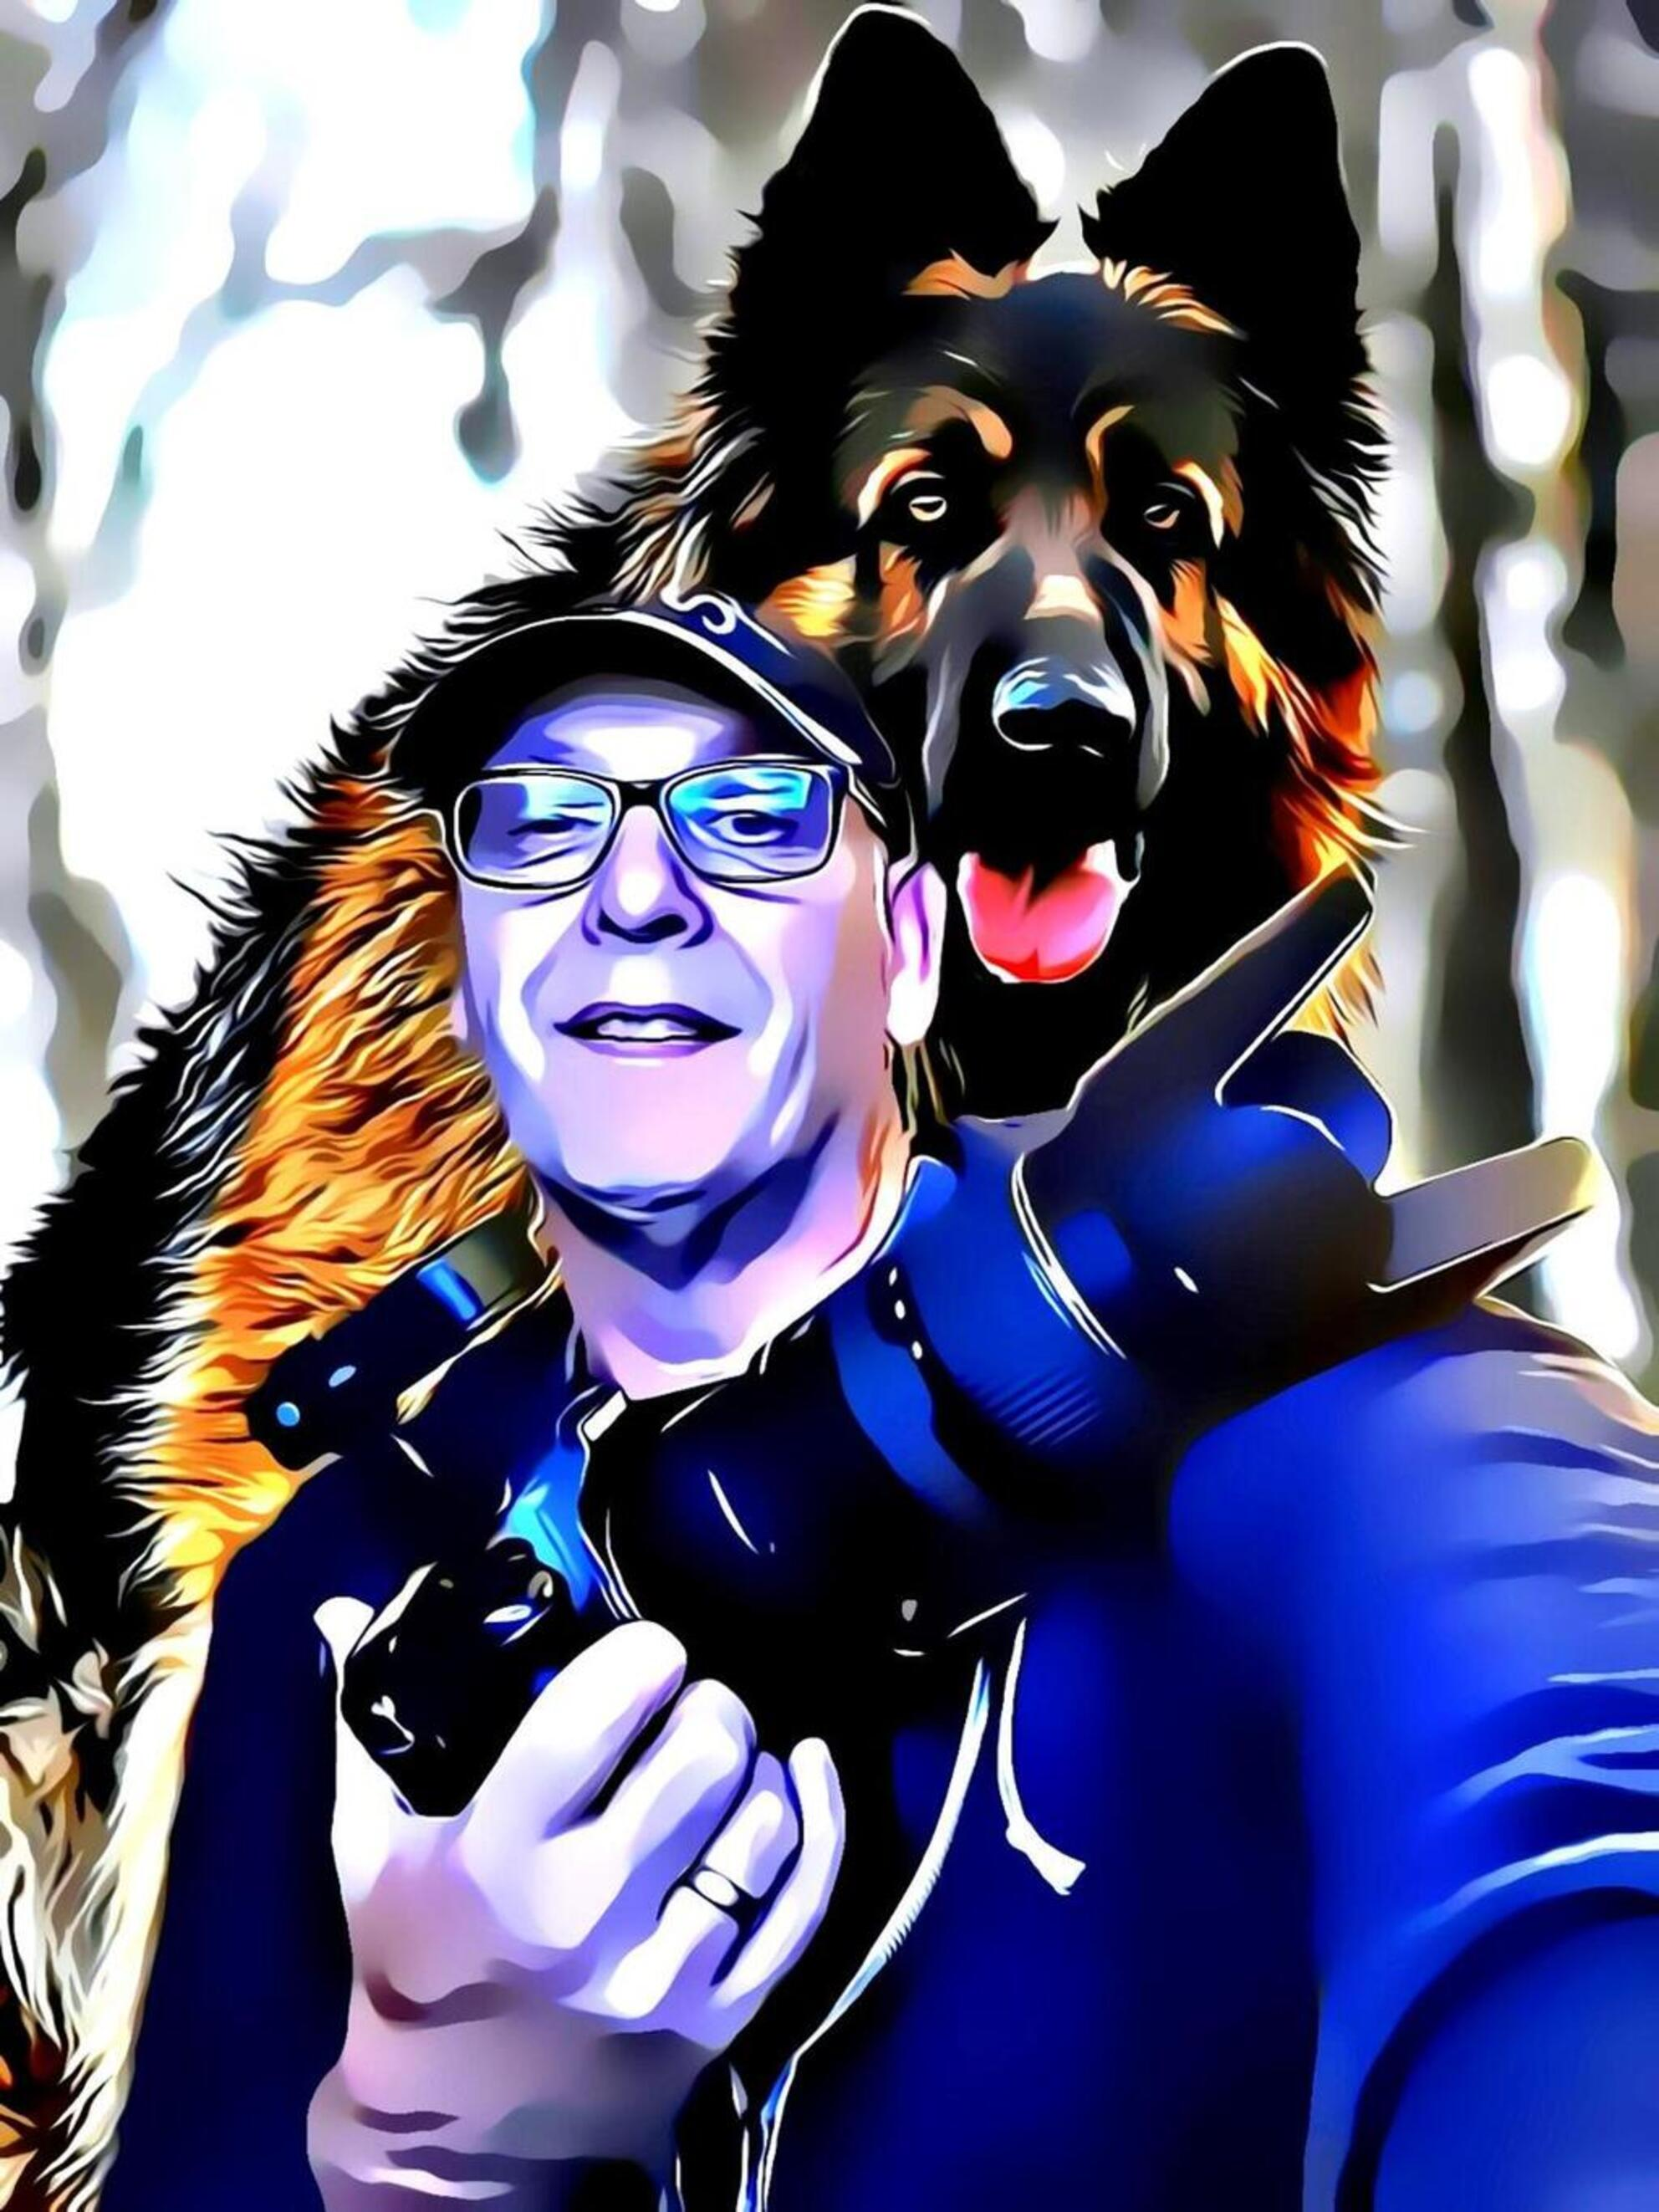 Woof and the Boef - - - foto door artmen op 07-03-2021